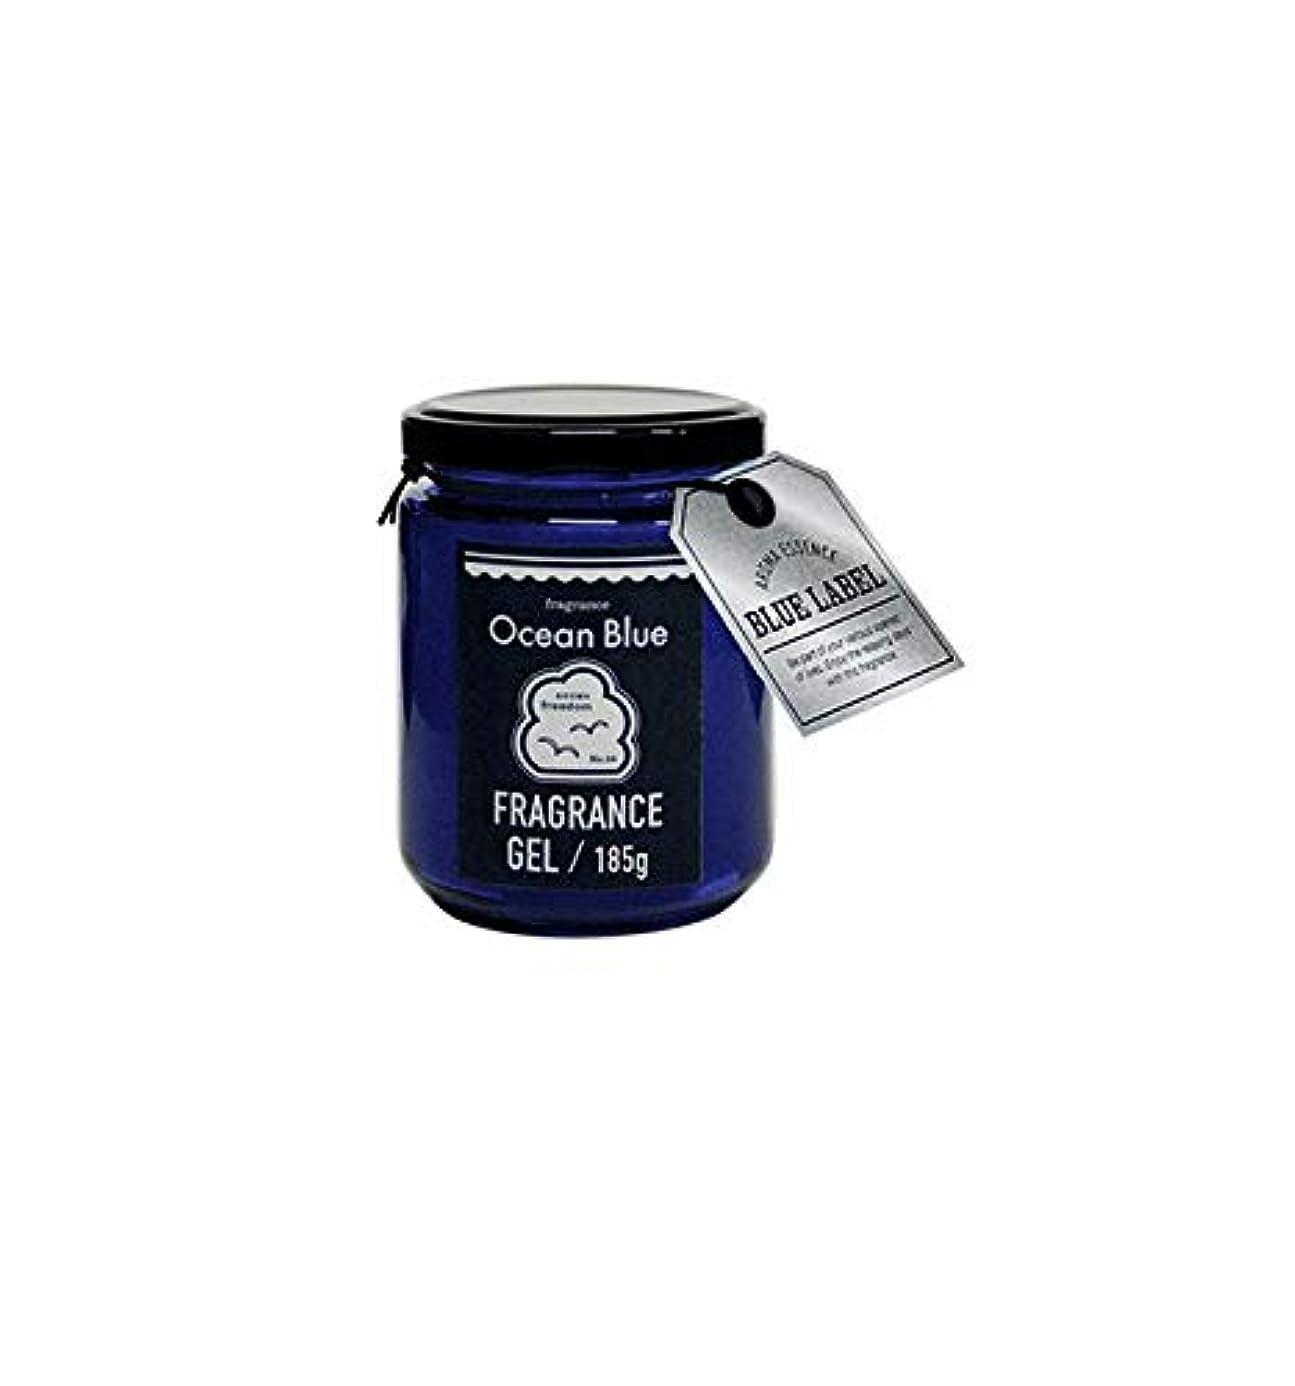 ライバルアセンブリかろうじてブルーラベル ブルー フレグランスジェル185g オーシャンブルー(ルームフレグランス 約1-2ヶ月 海の爽快な香り)